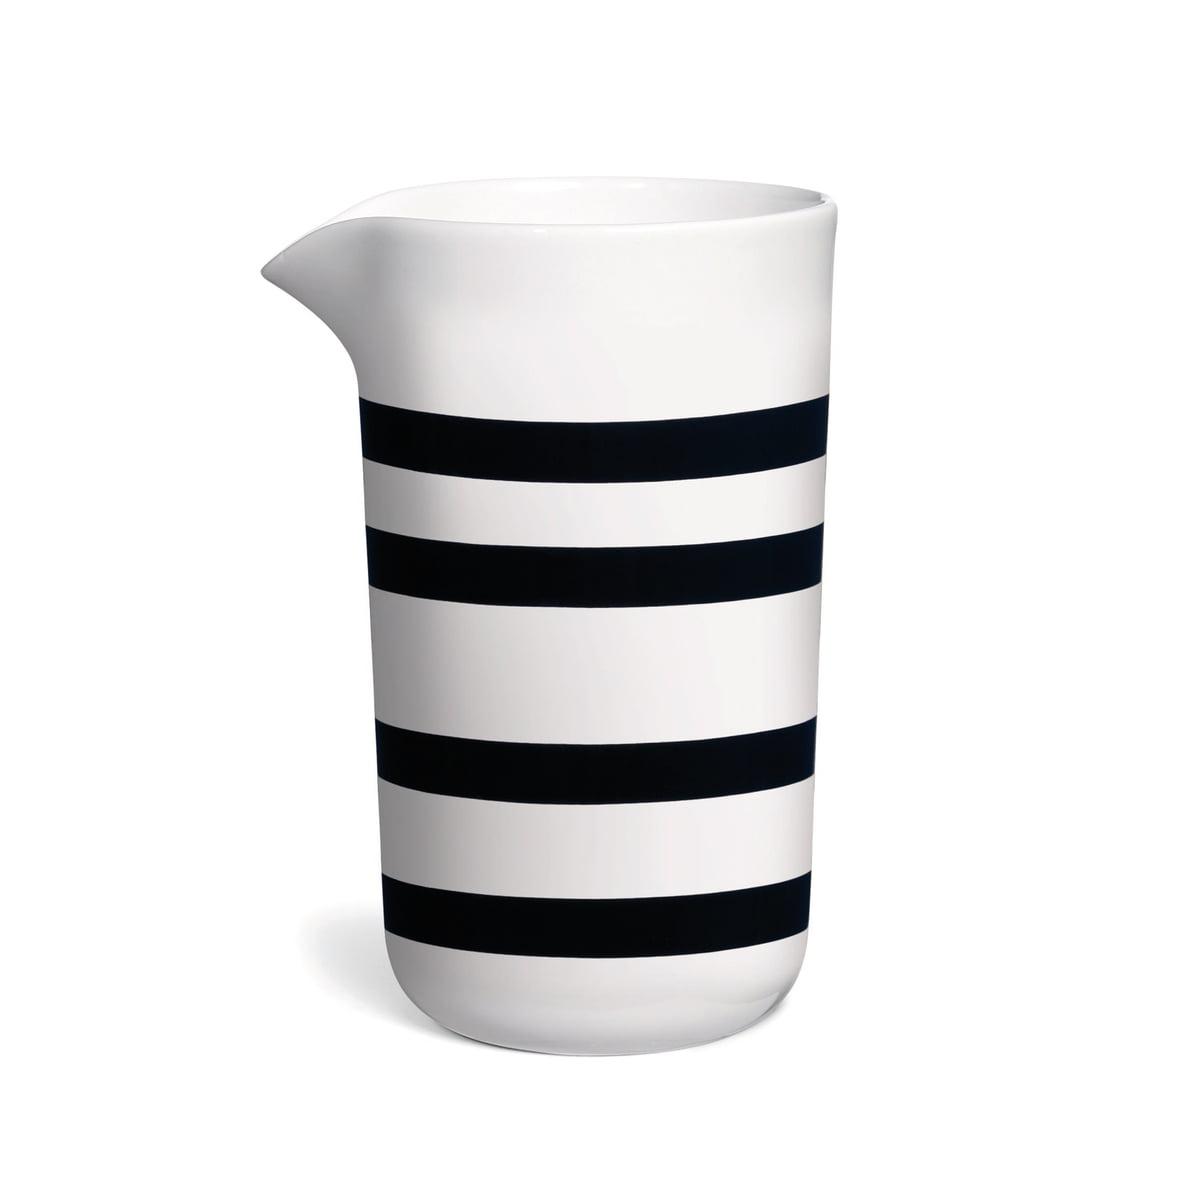 omaggio milk sugar set by k hler design. Black Bedroom Furniture Sets. Home Design Ideas